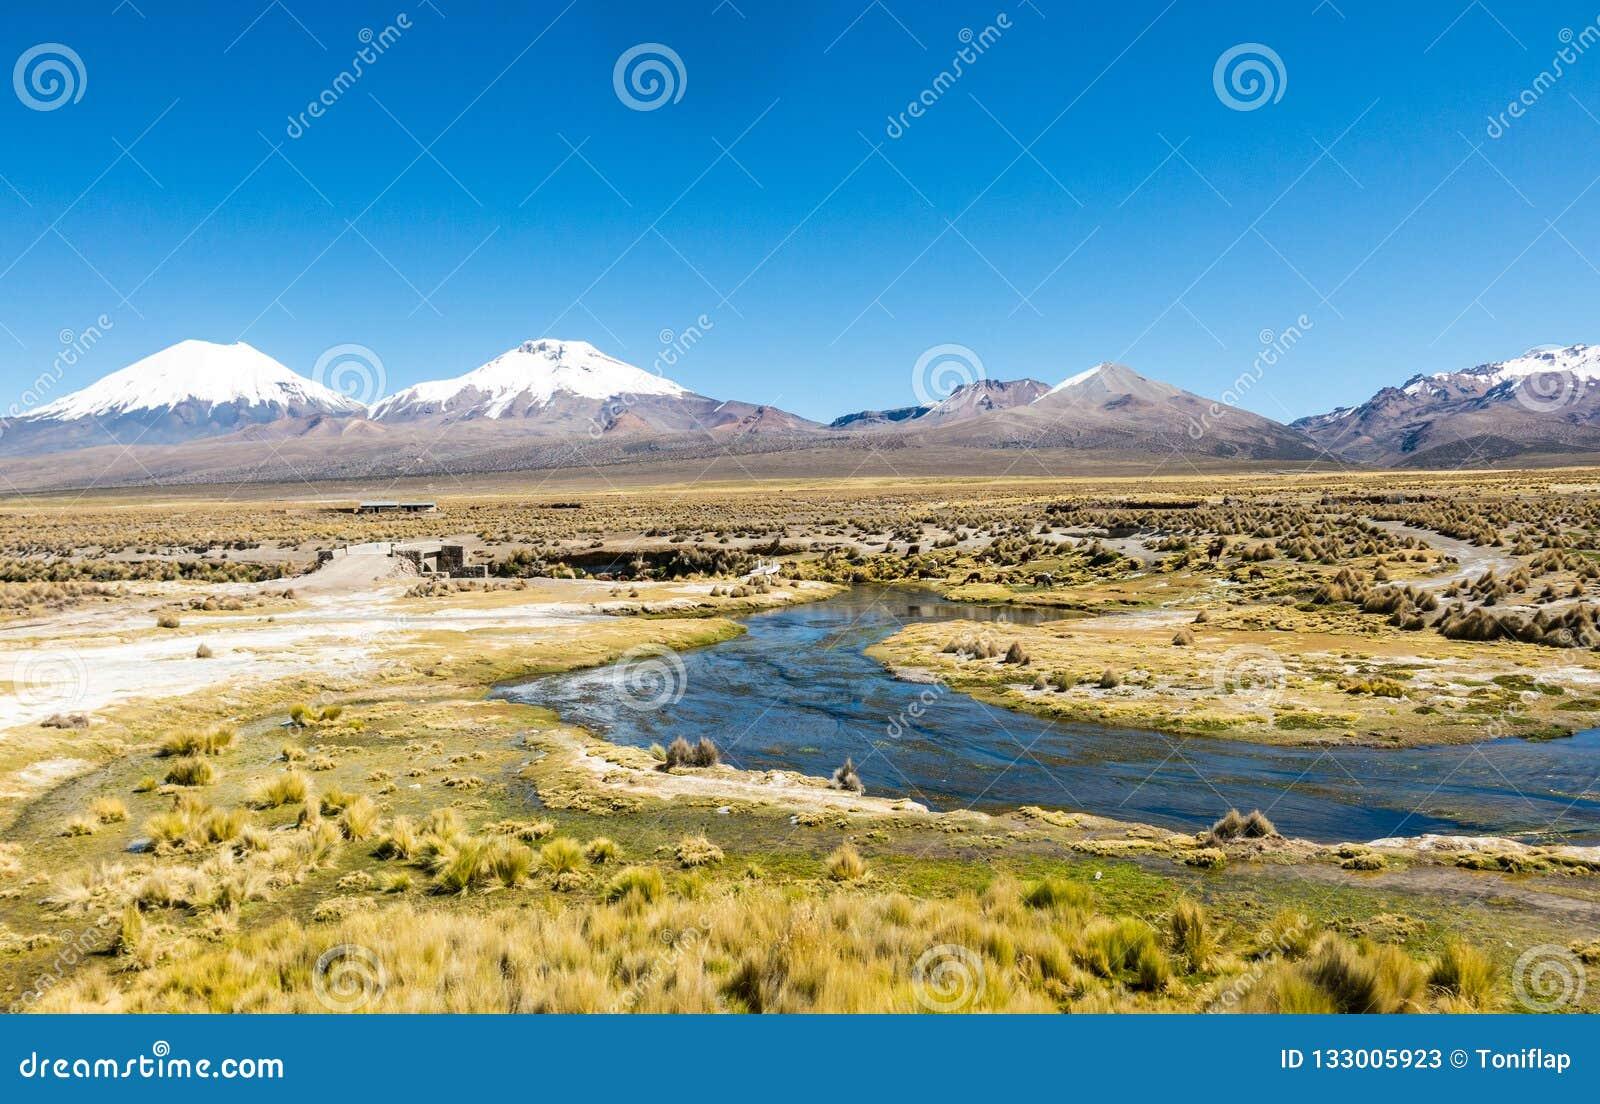 Paysage andin élevé de toundra dans les montagnes des Andes